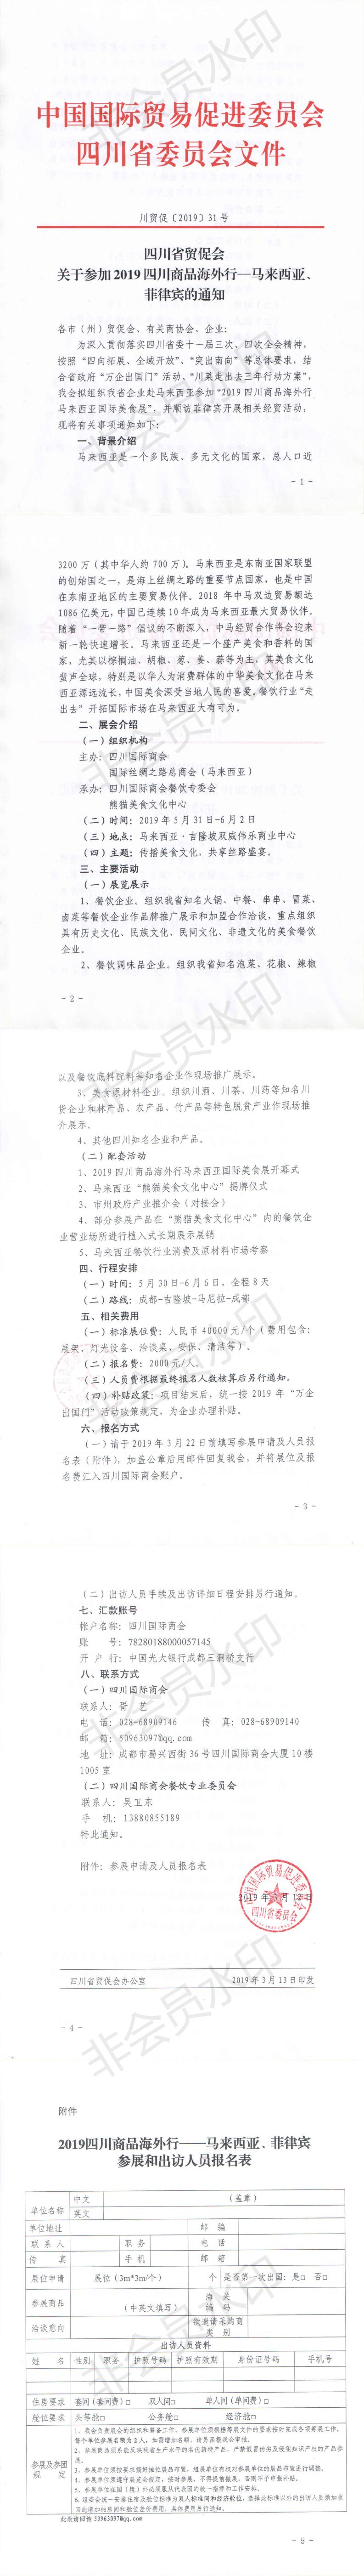 四川省贸促会关于参加2019四川商品海外行__马来西亚、菲律宾的通知_0